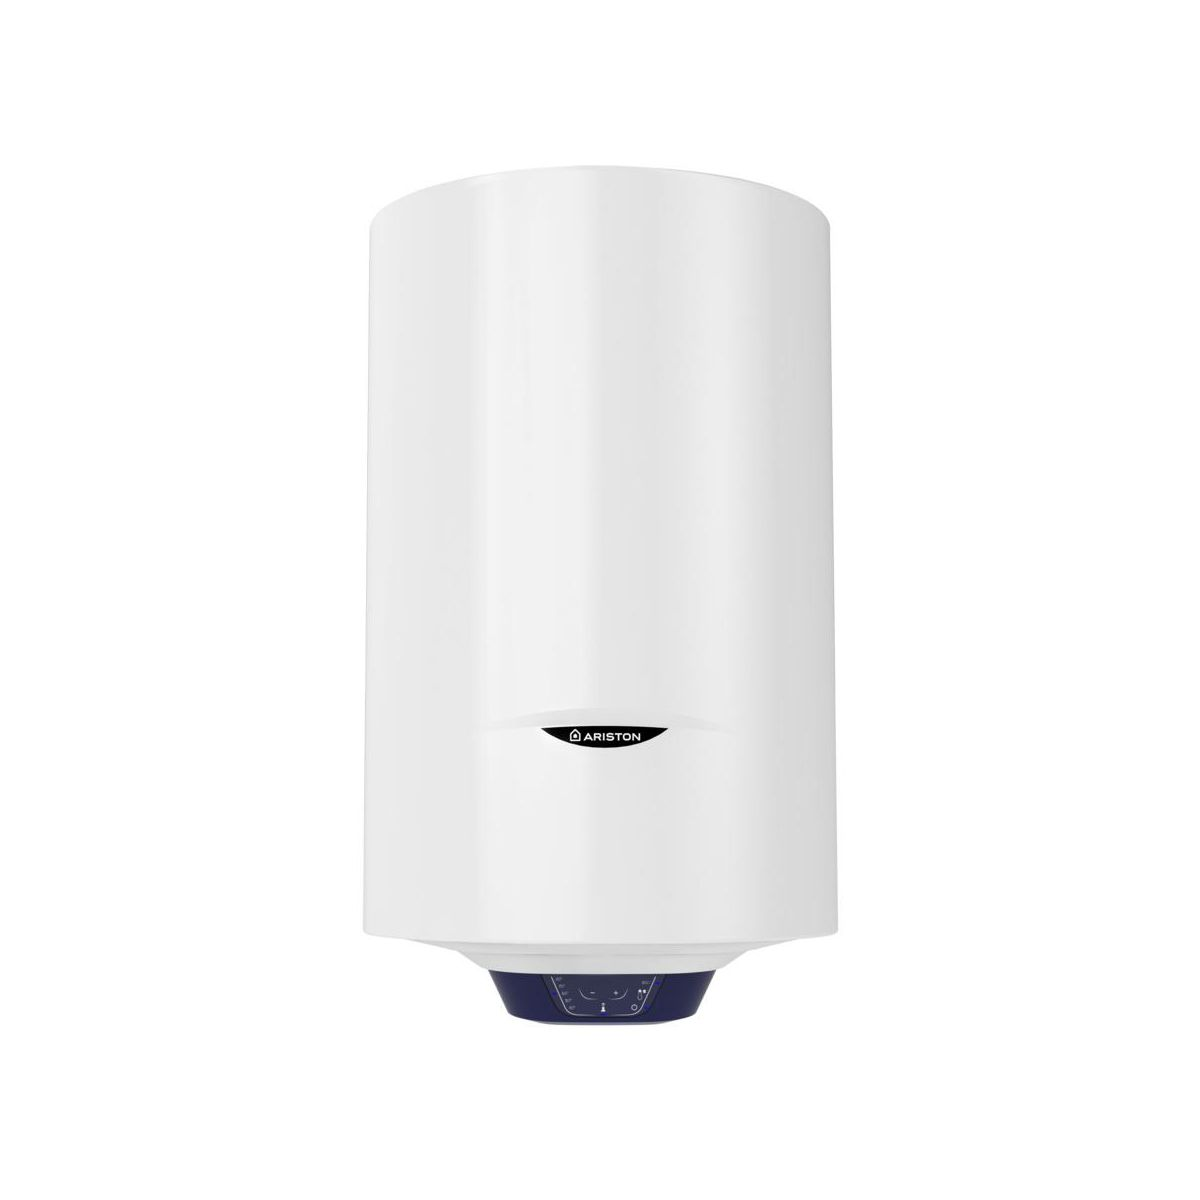 Elektryczny Podgrzewacz Wody Blu1 Eco 50 1800 W Ariston